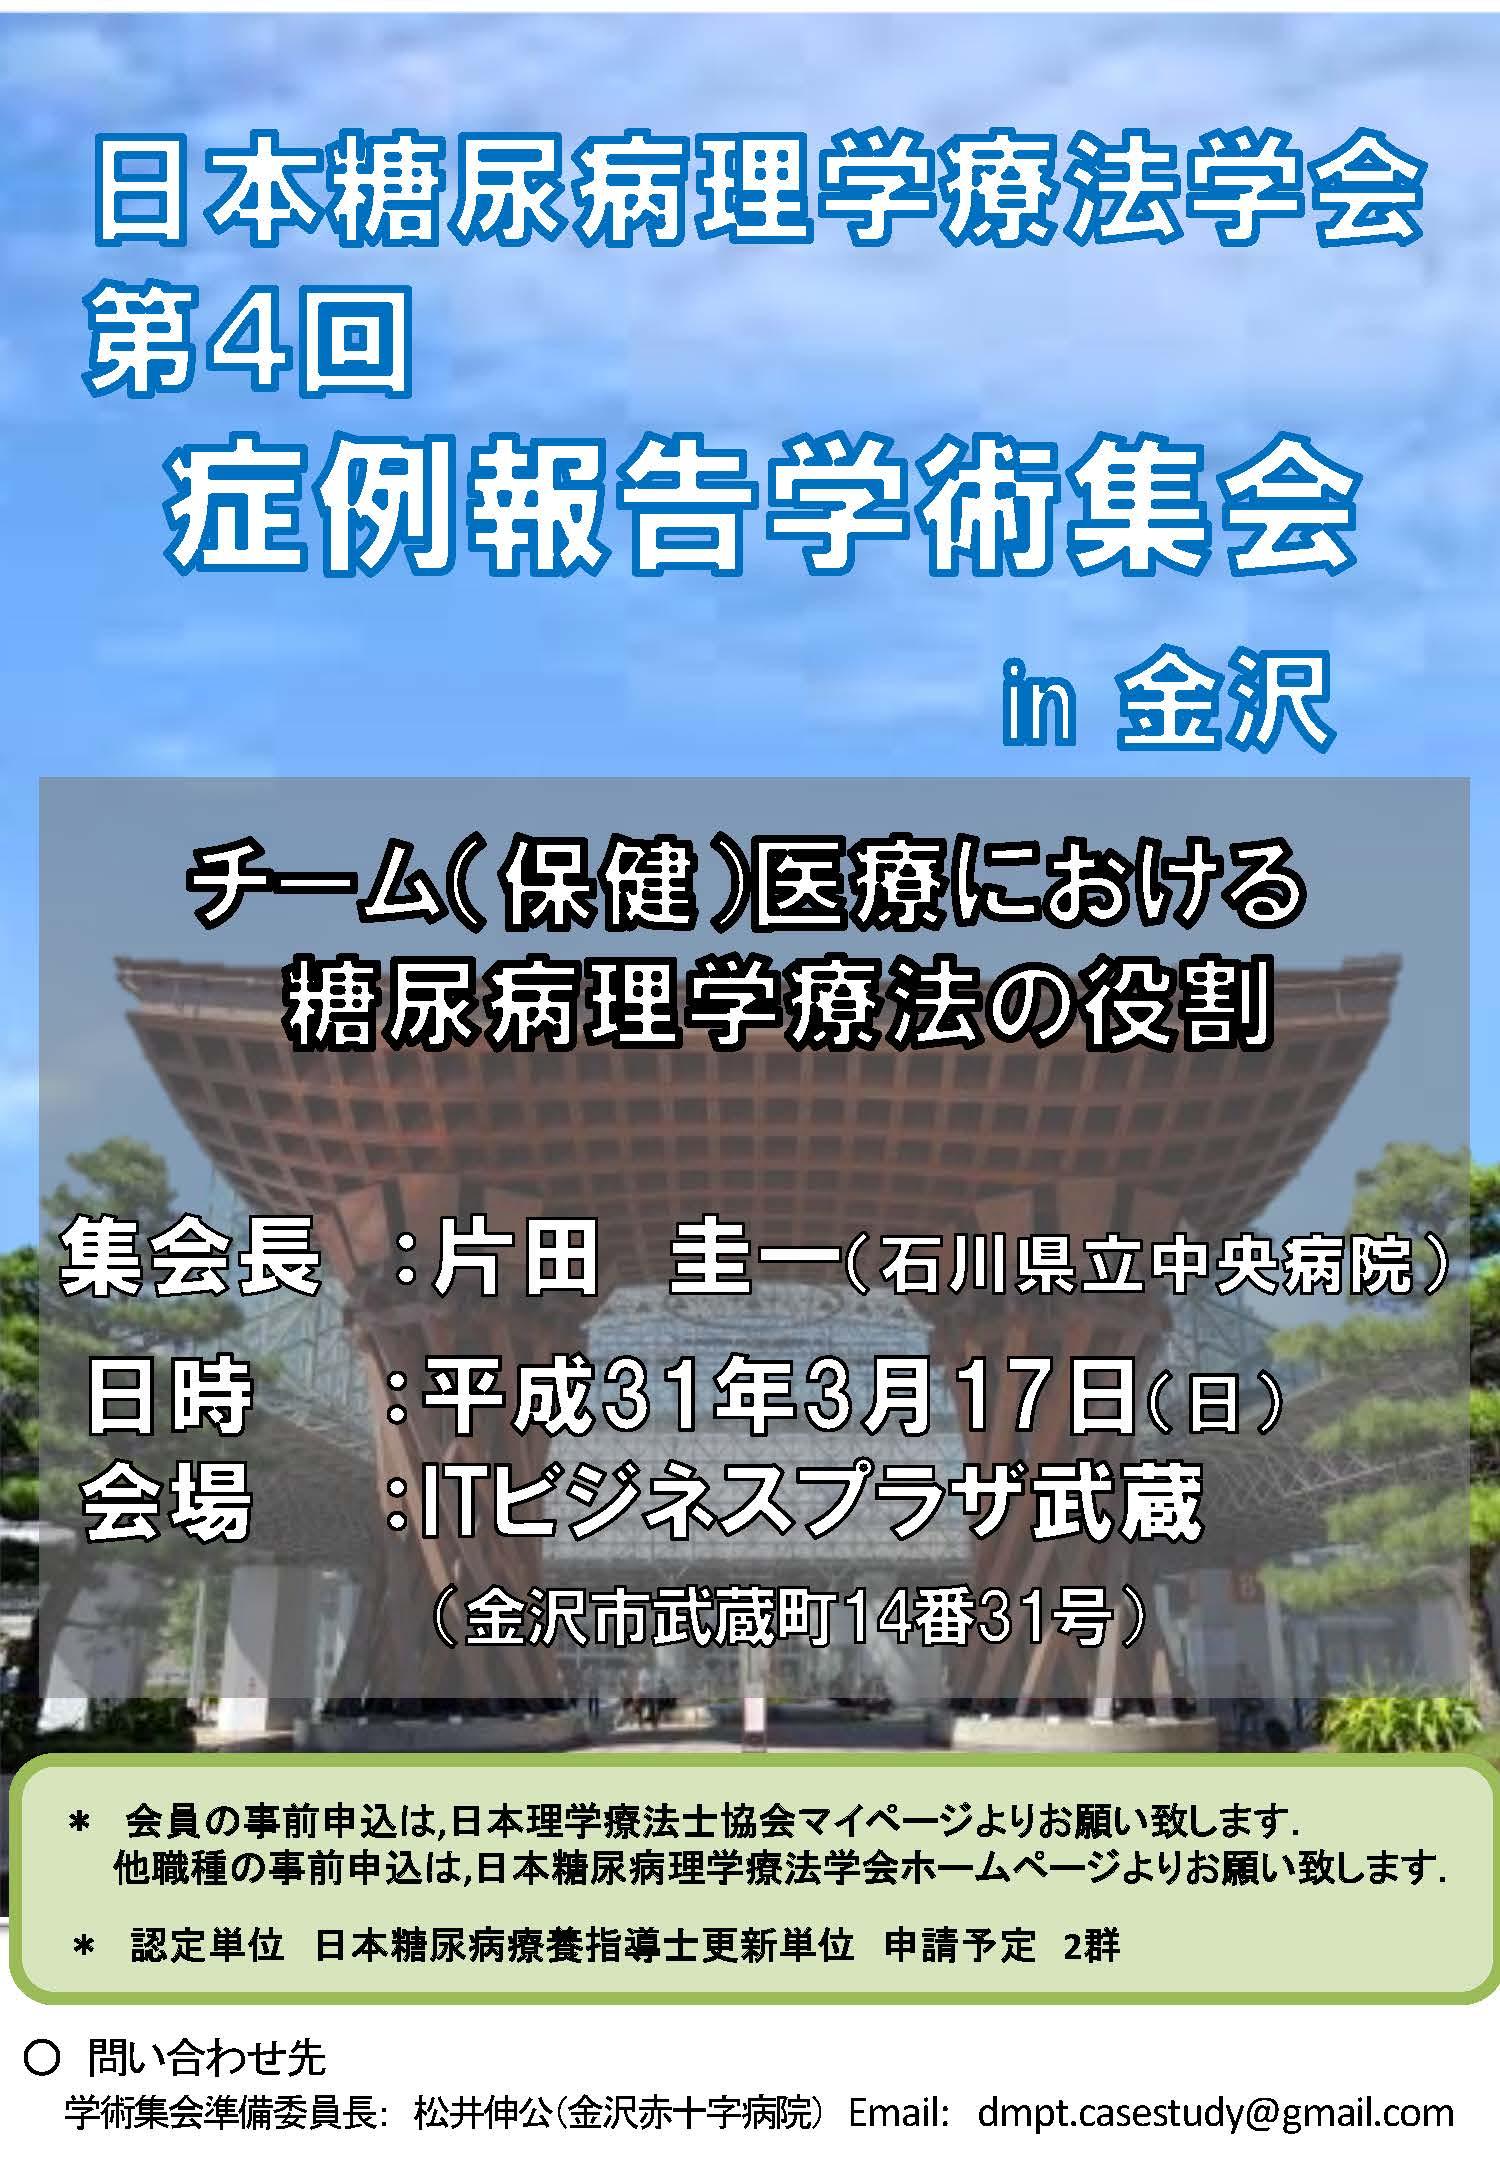 協会 療法 日本 理学 マイ ページ 士